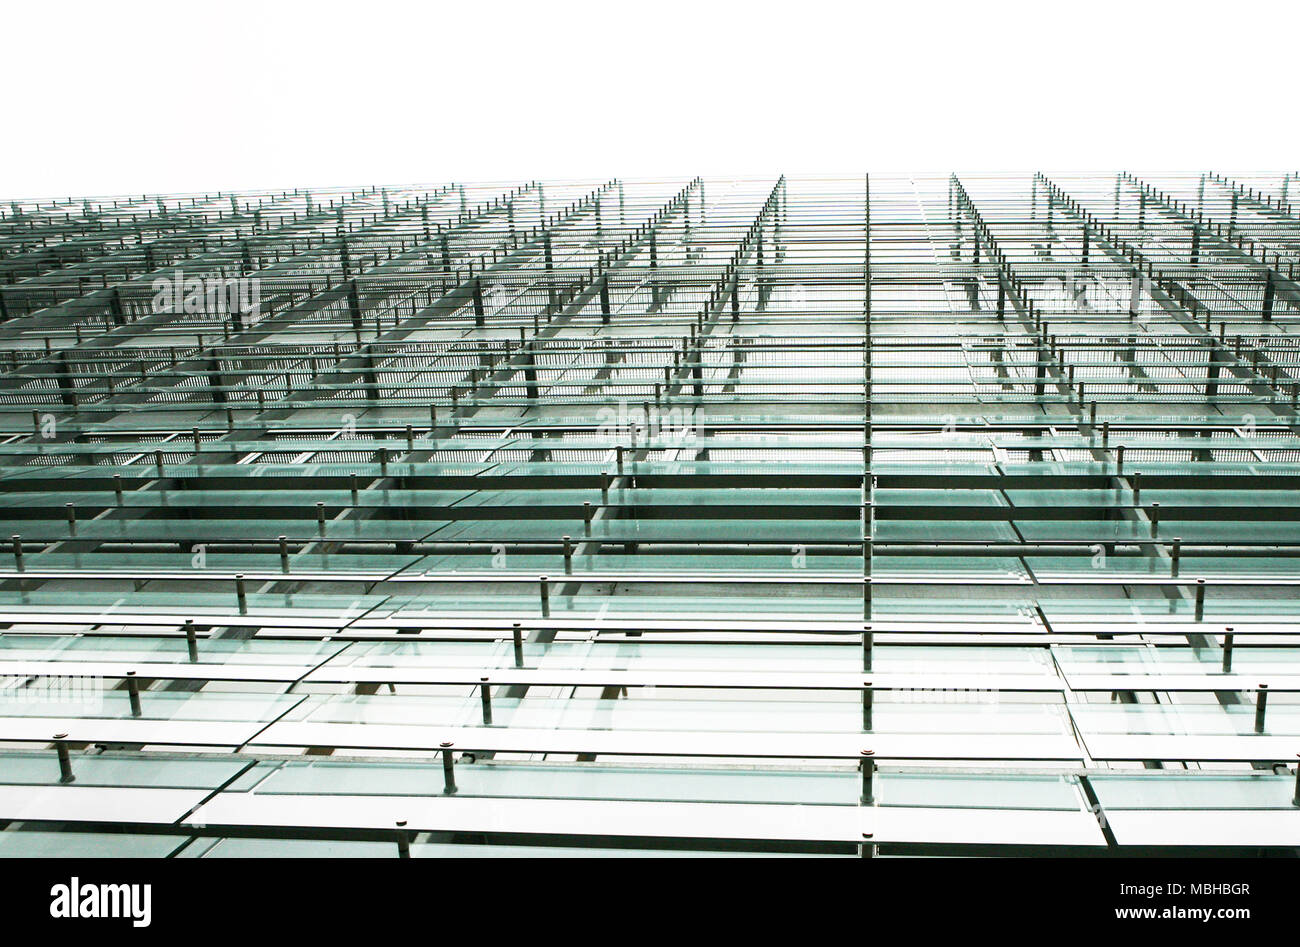 La façade de l'immeuble de verre et d'acier Photo Stock